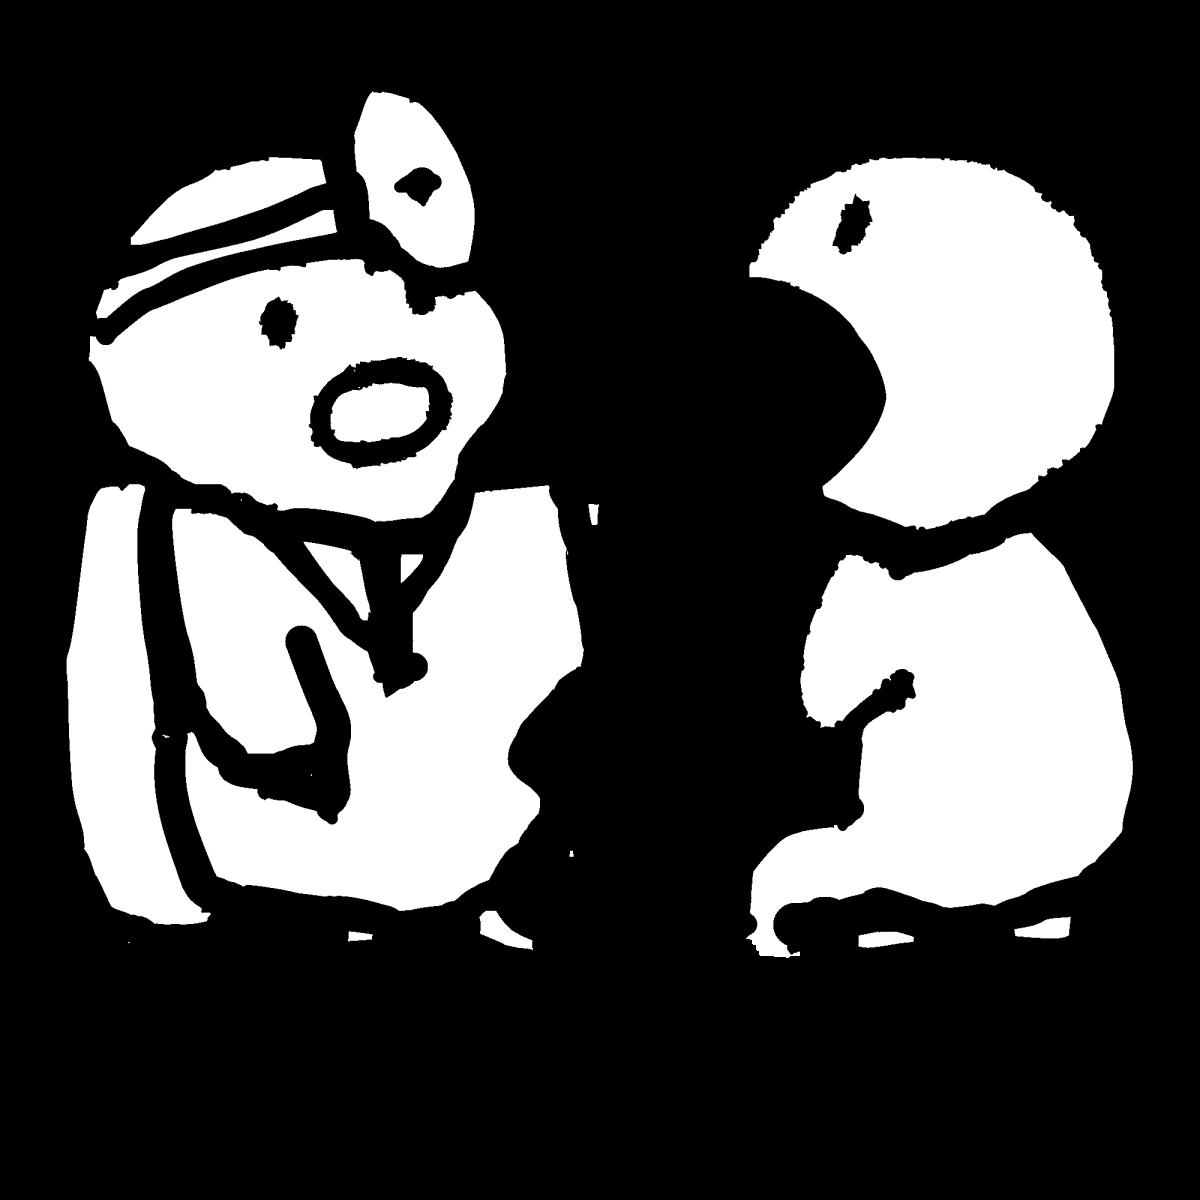 診察(口を開ける)のイラスト / Examination (open one's mouth) Illustration